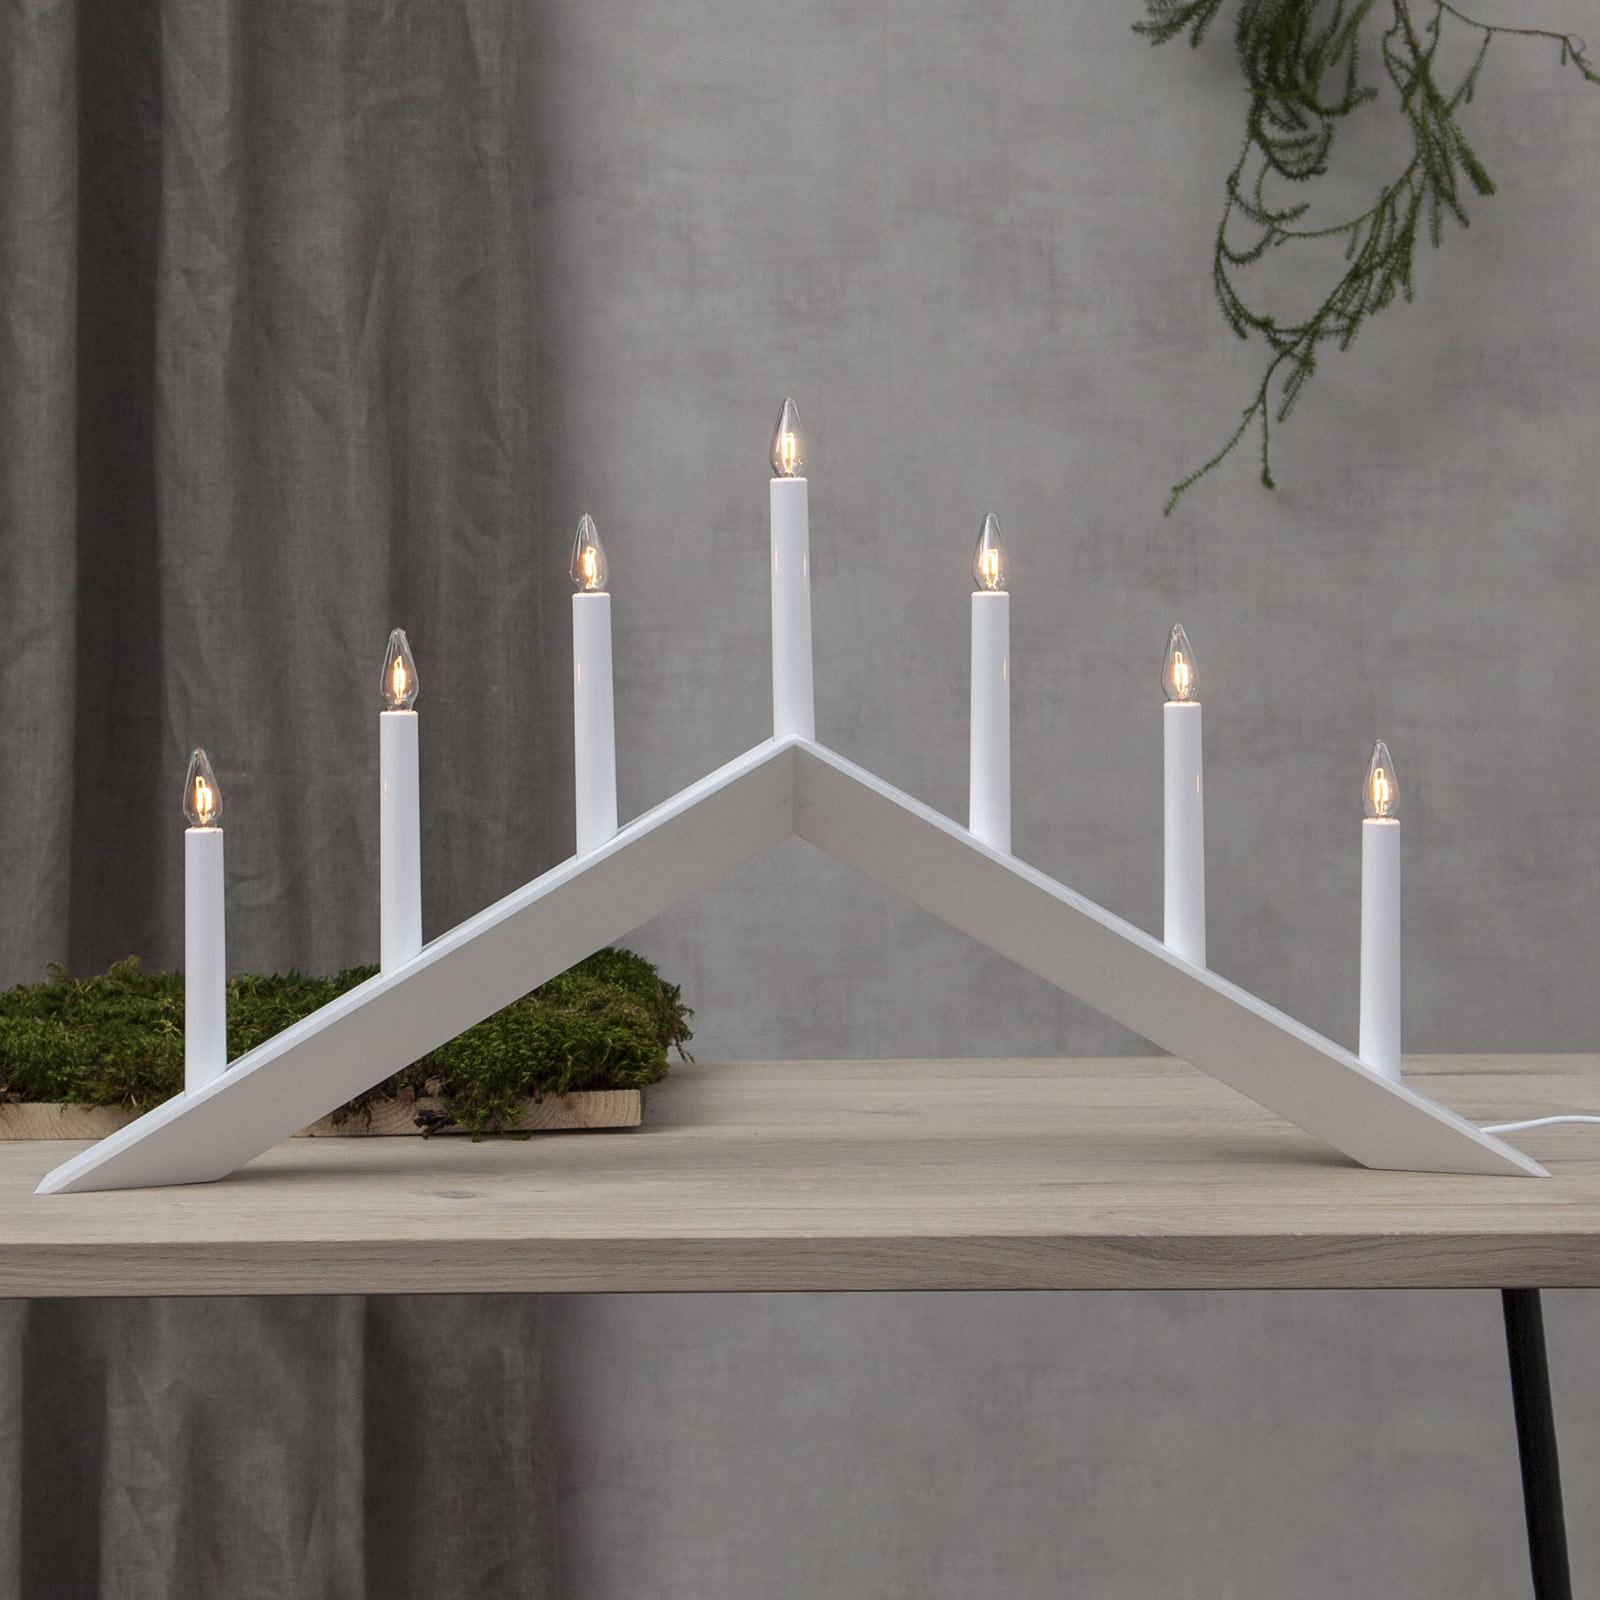 Kerzenleuchter Arrow, flach, 7flammig